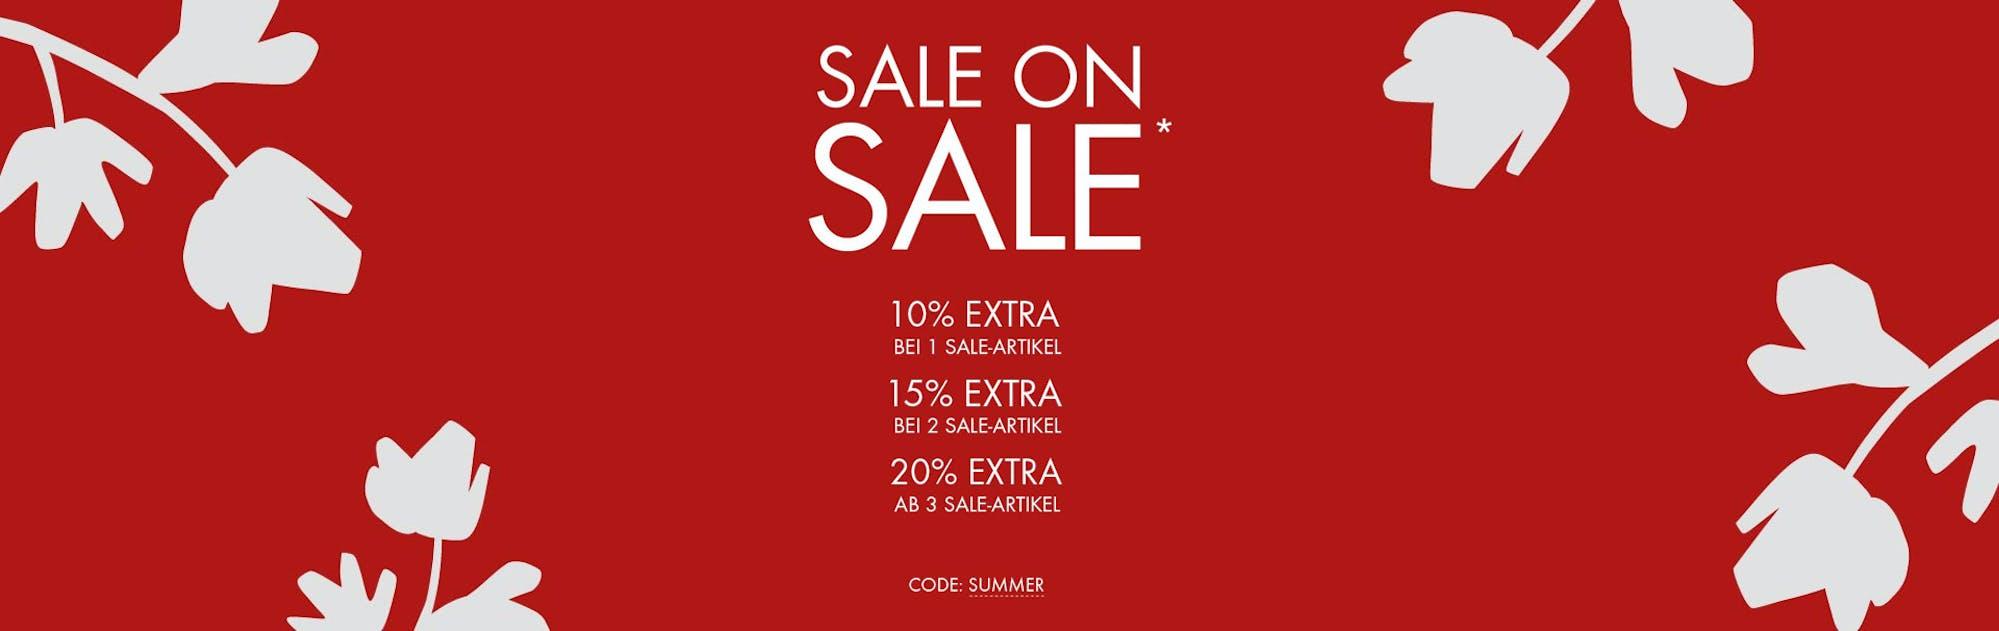 Sale on Sale - Code: SUMMER   Seidensticker